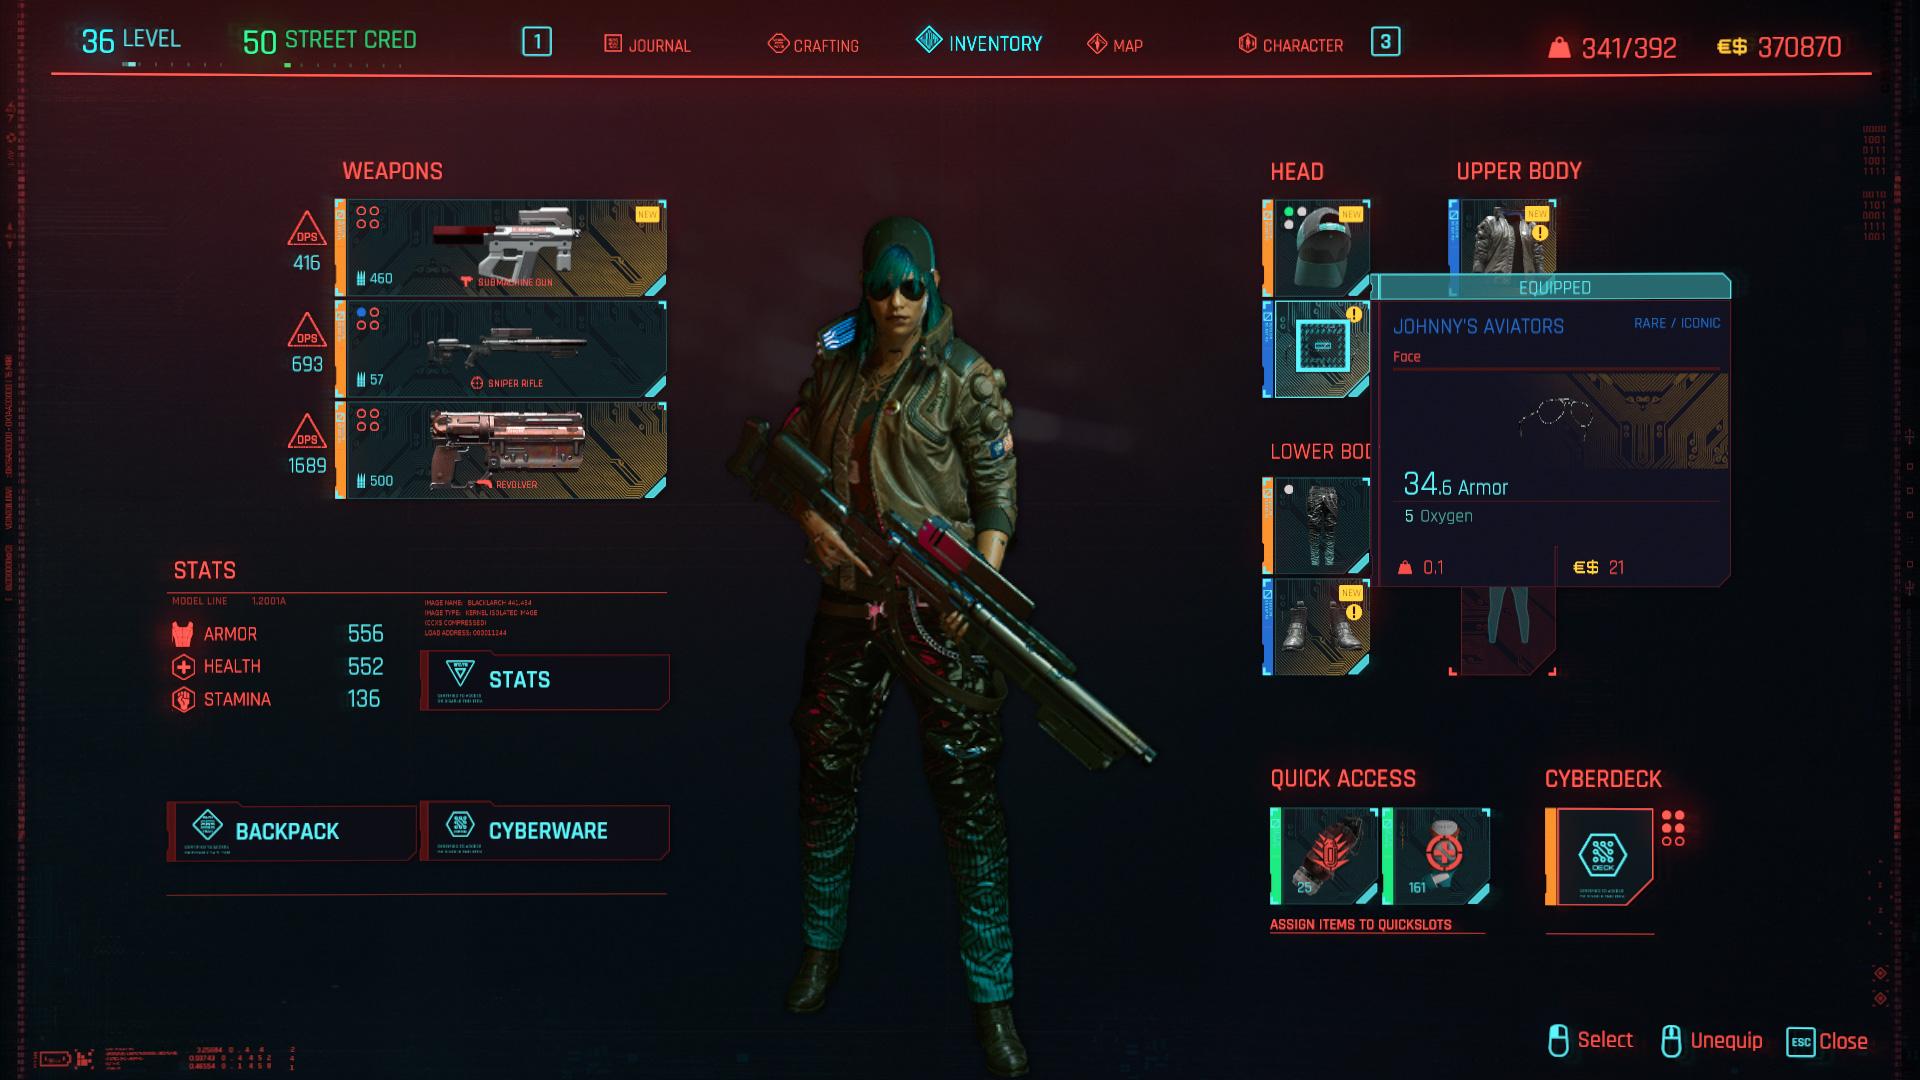 Tous les vêtements légendaires et emblématiques de Cyberpunk 2077 - Johnny's Aviators